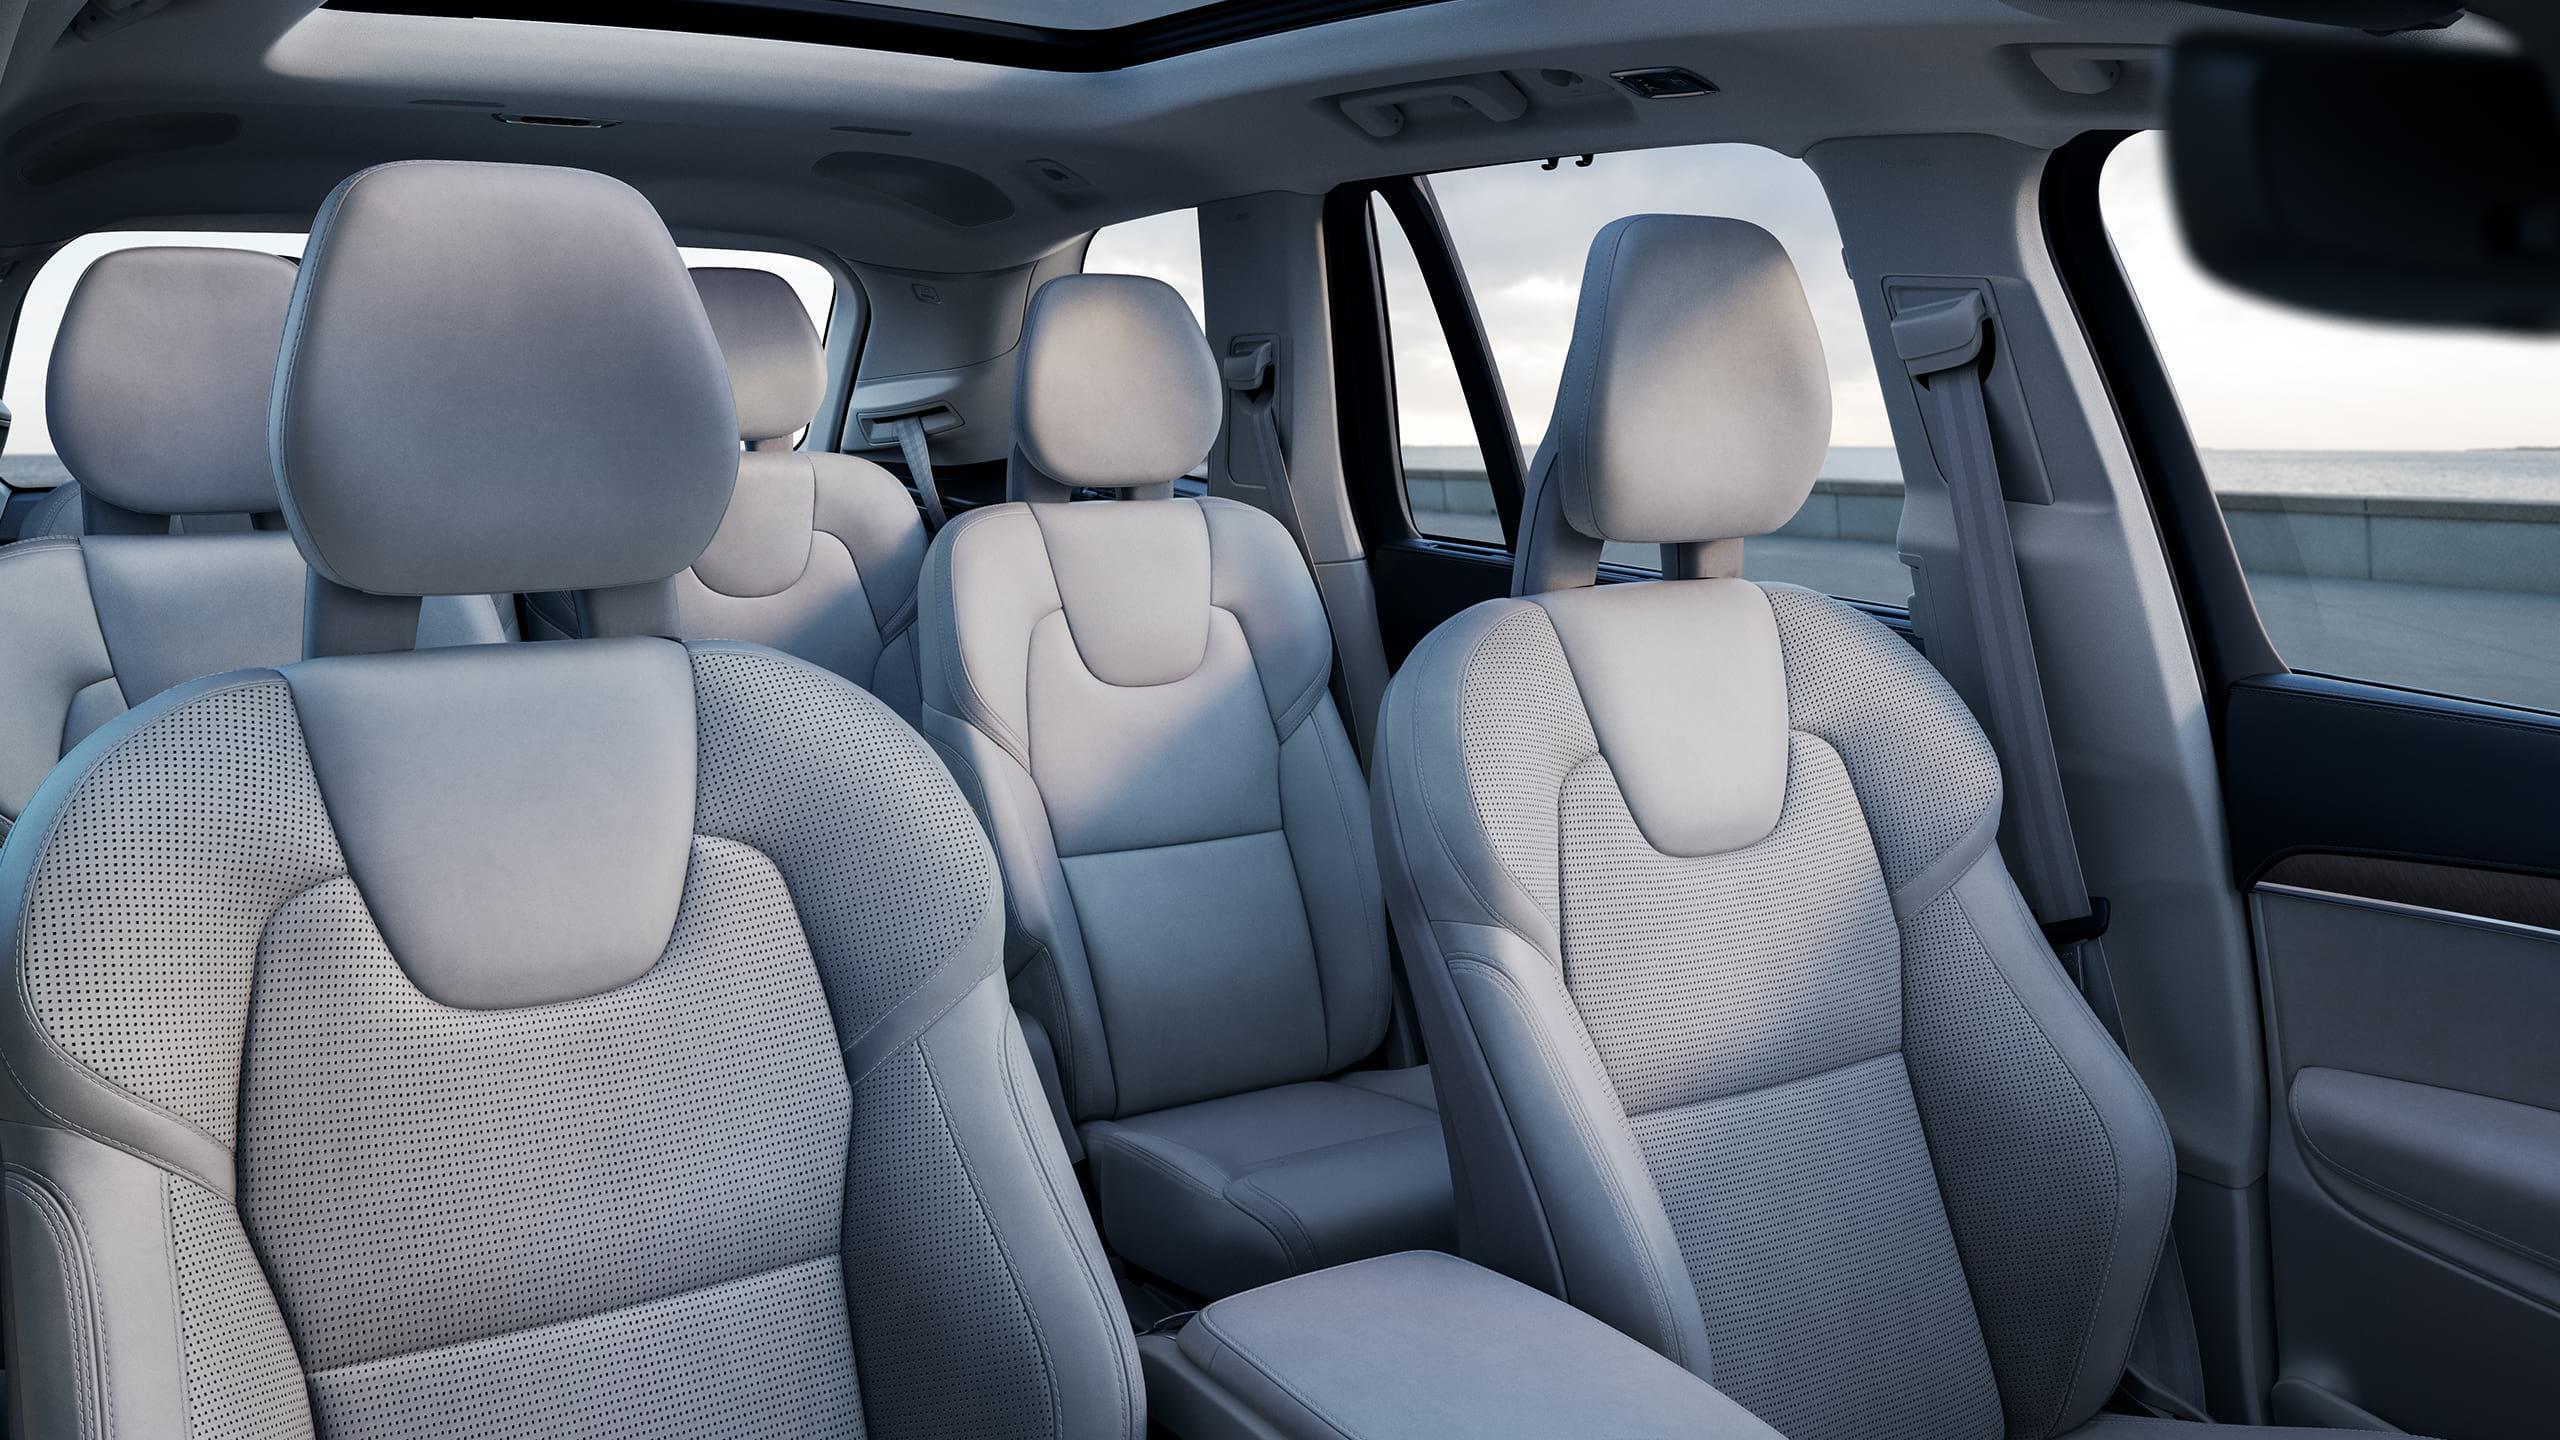 Dentro de un Volvo XC90 con tres filas e interior color claro en los asientos